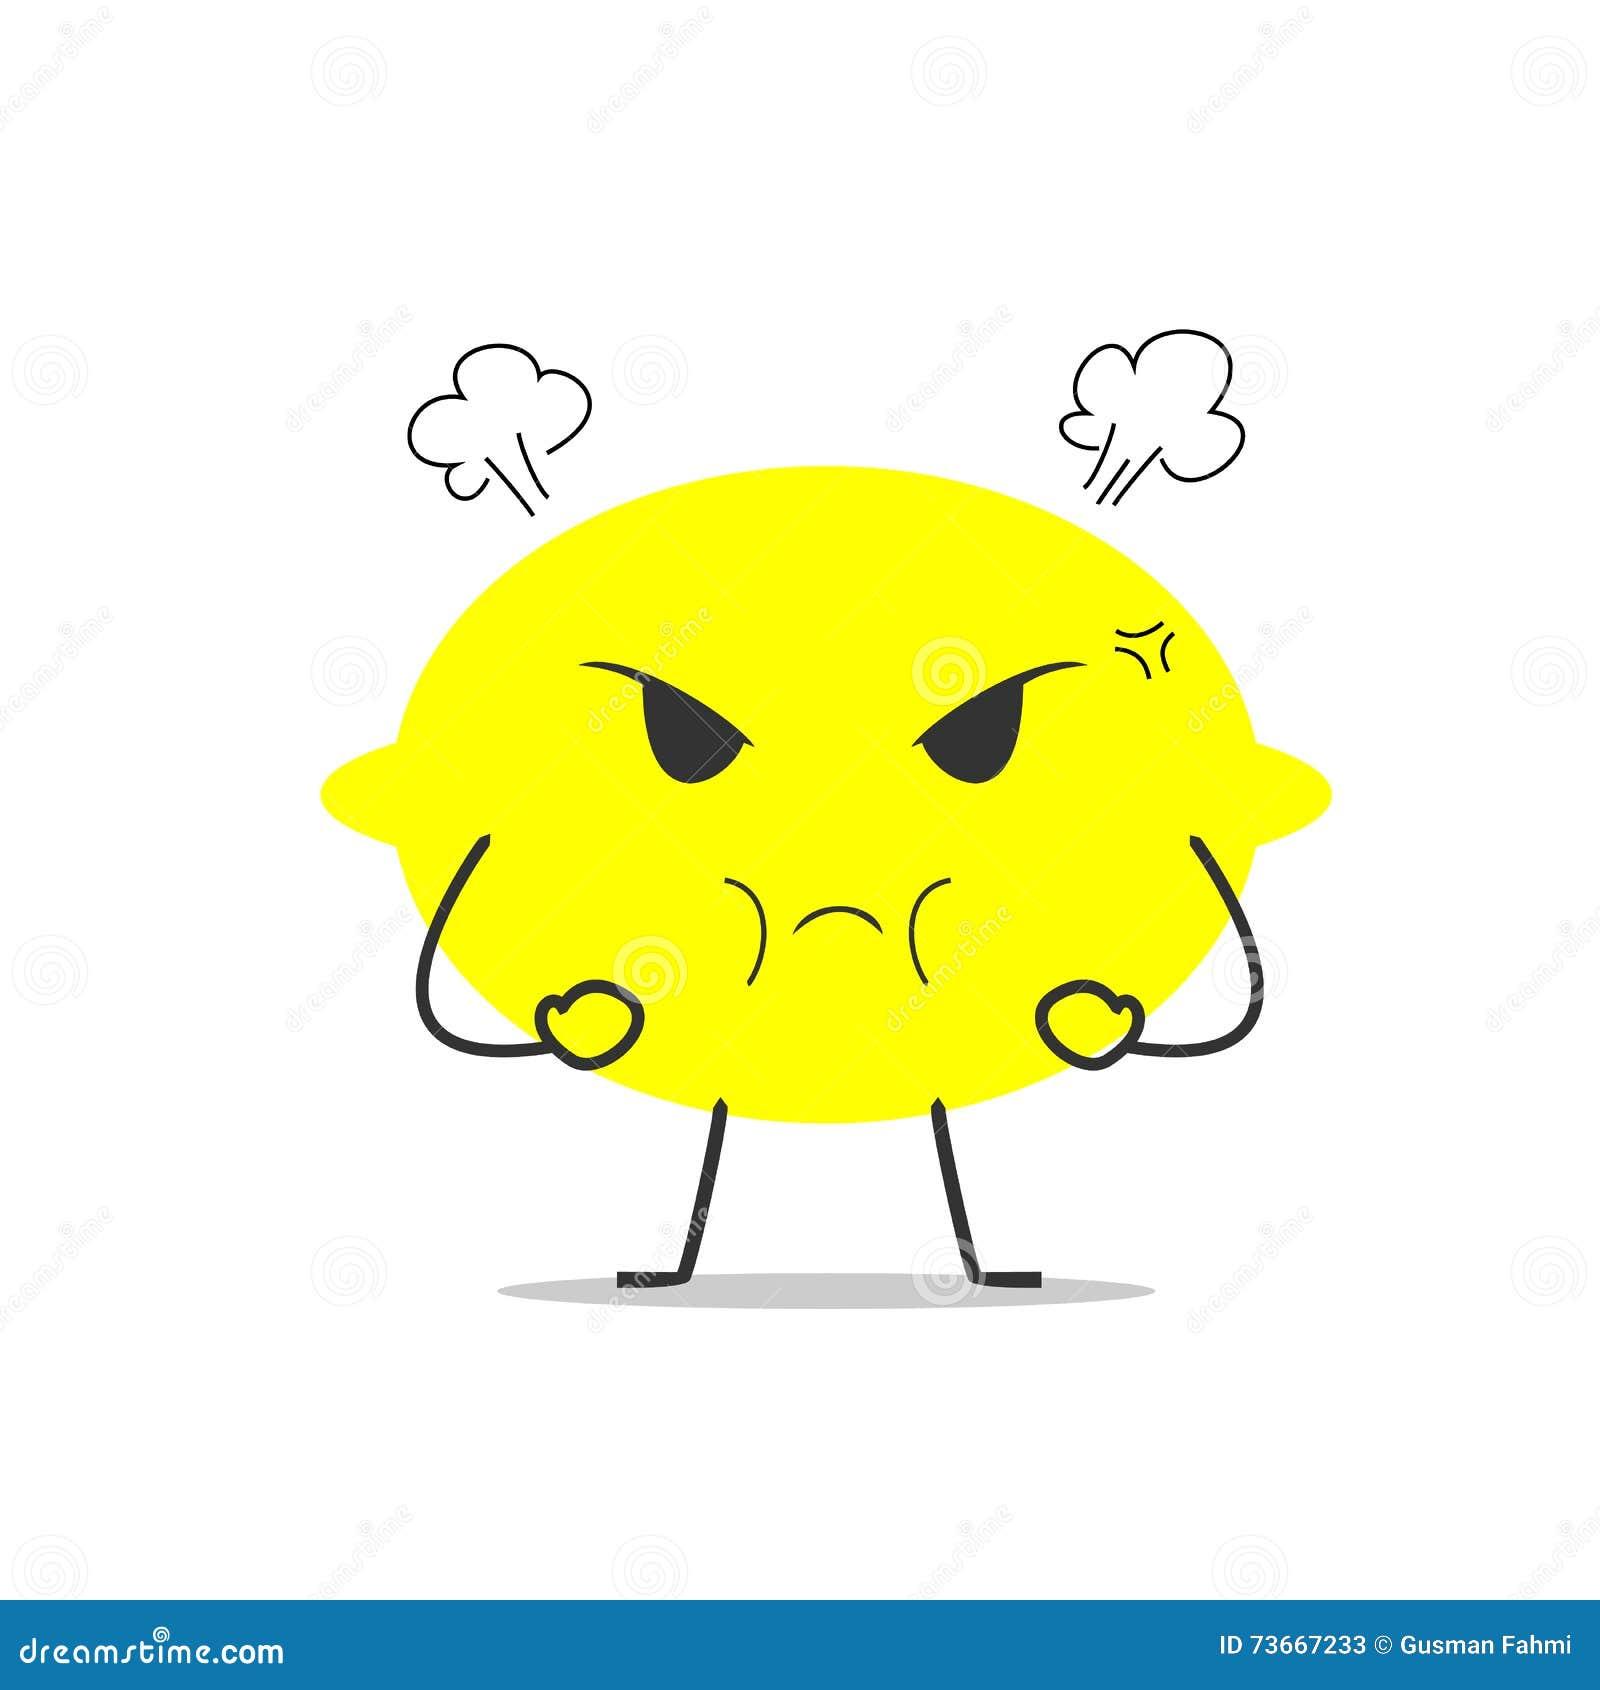 angry lemon simple clean cartoon illustration stock vector image angry lemon simple clean cartoon illustration